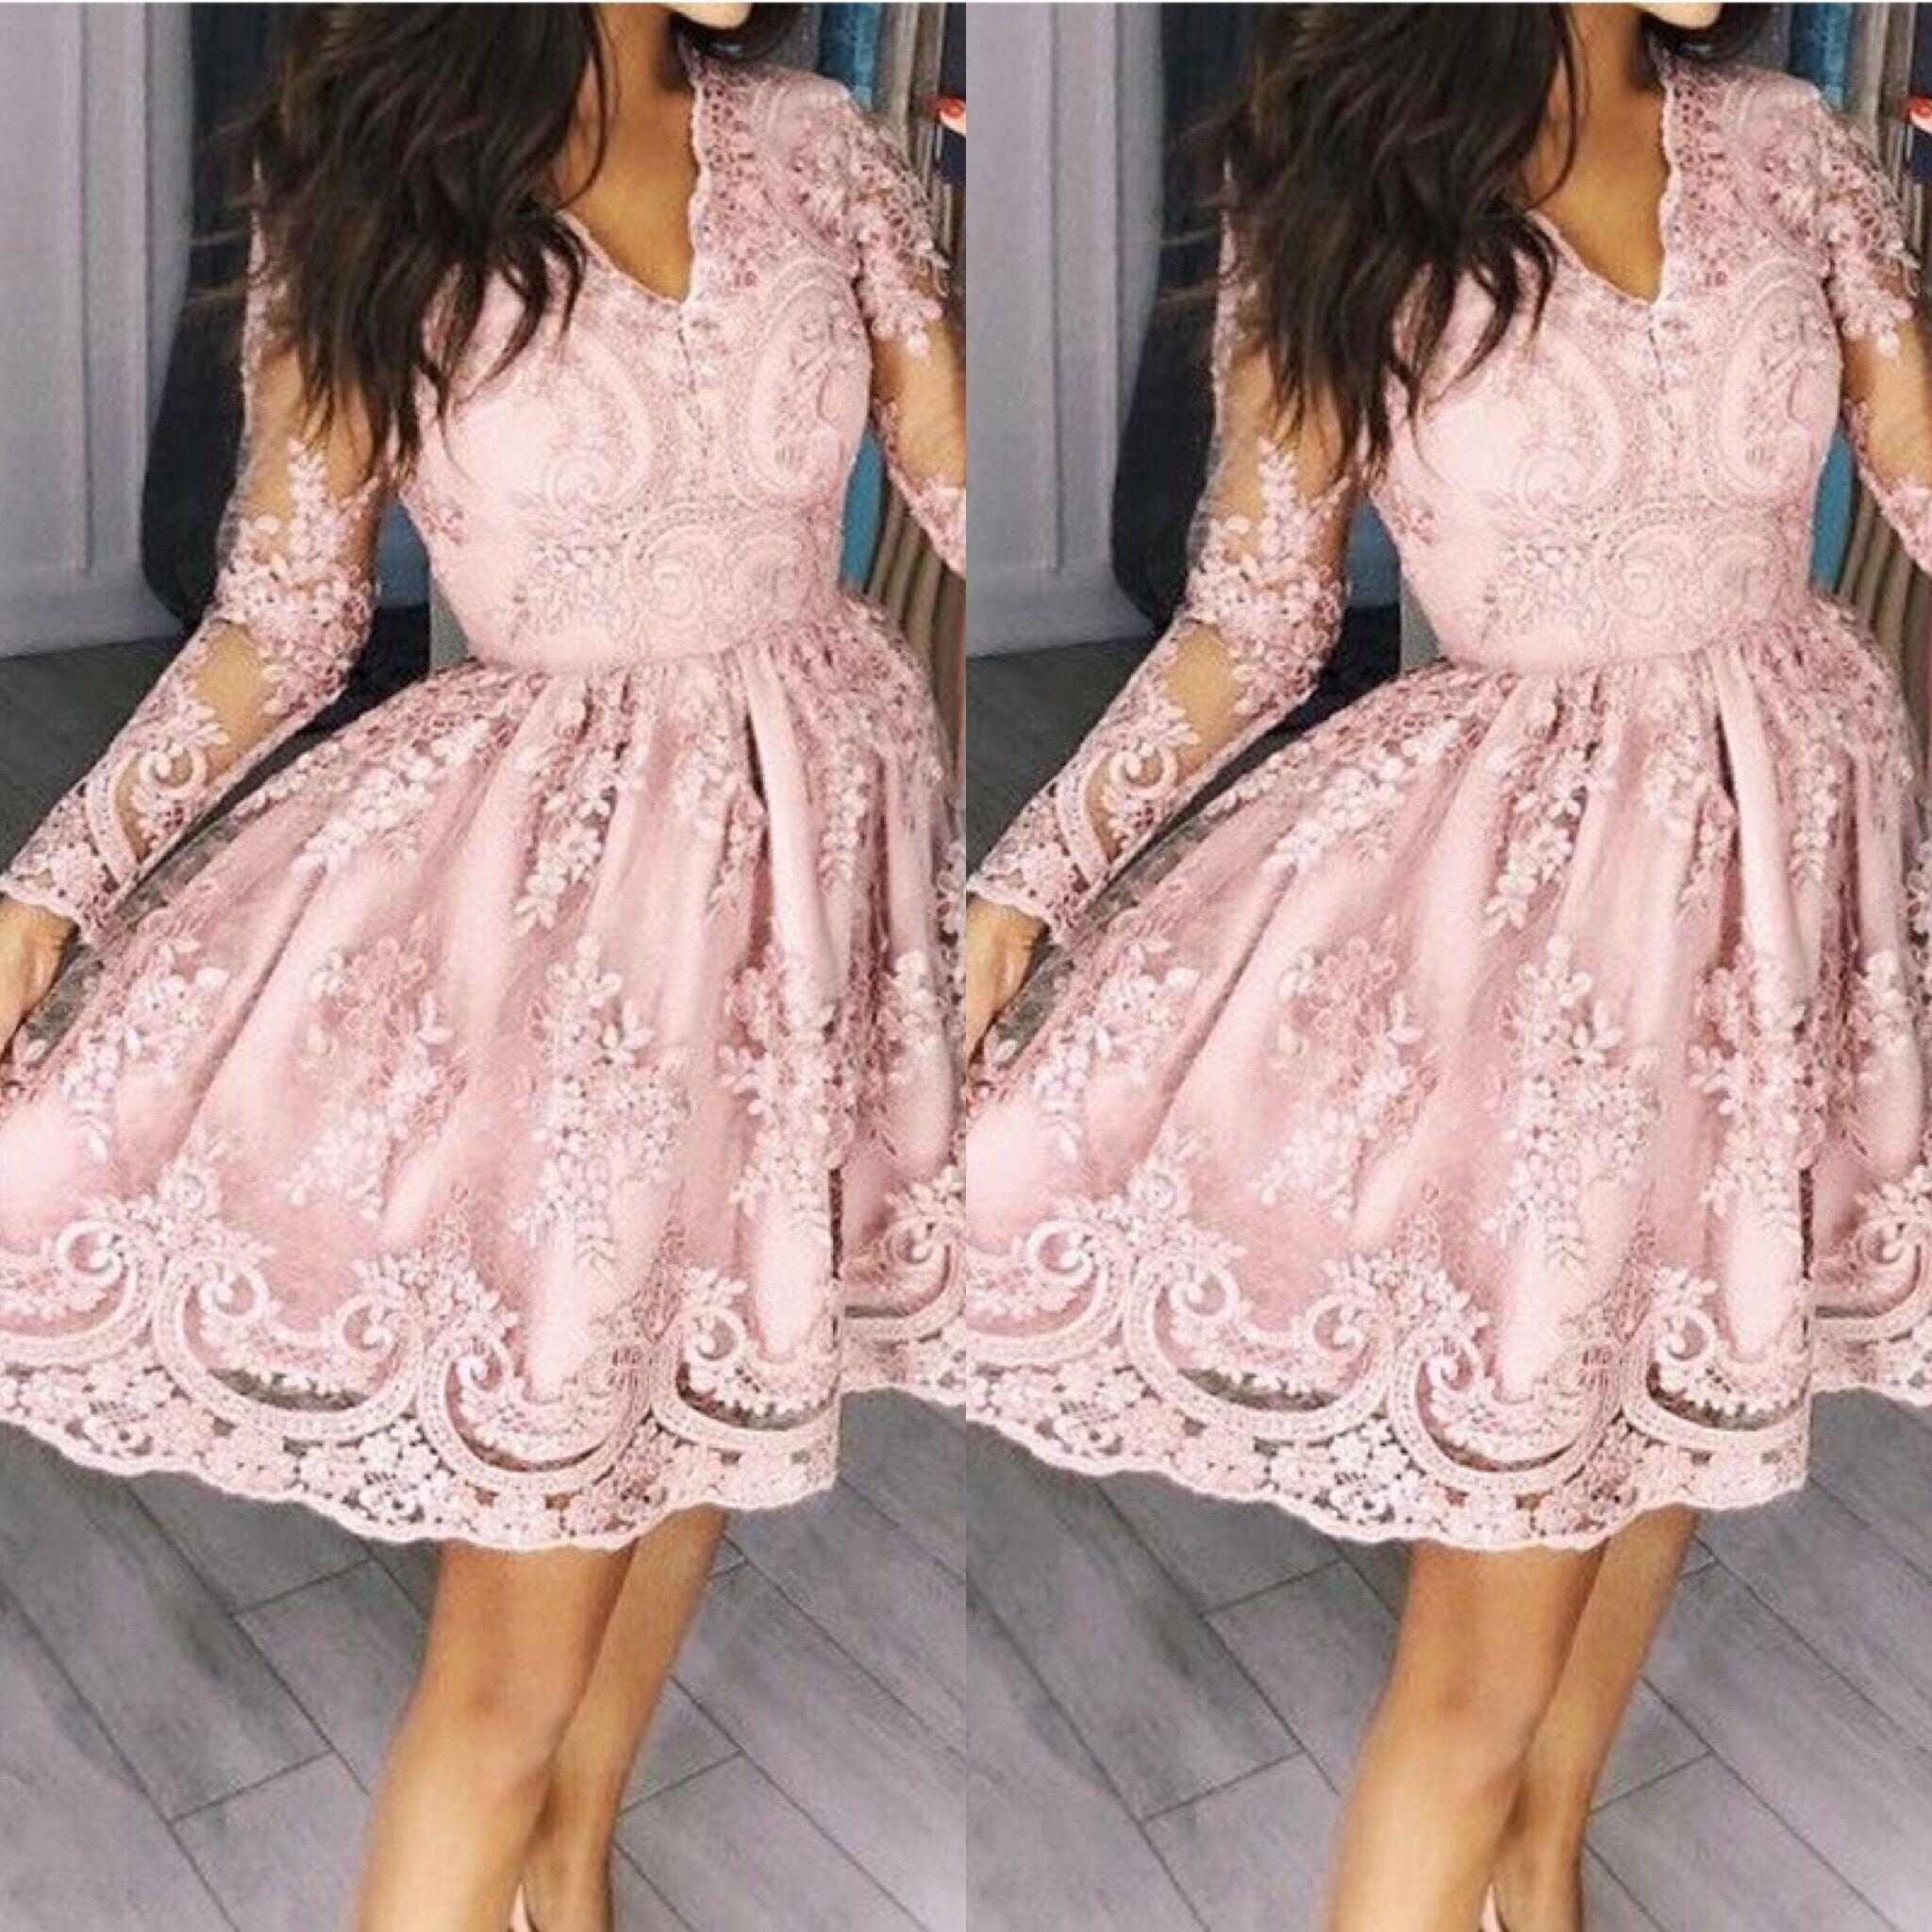 Ztvitalité femmes robes 2018 offre spéciale rose broderie mode robe élégante robes de soirée a-ligne pleine manches maille Sexy robe